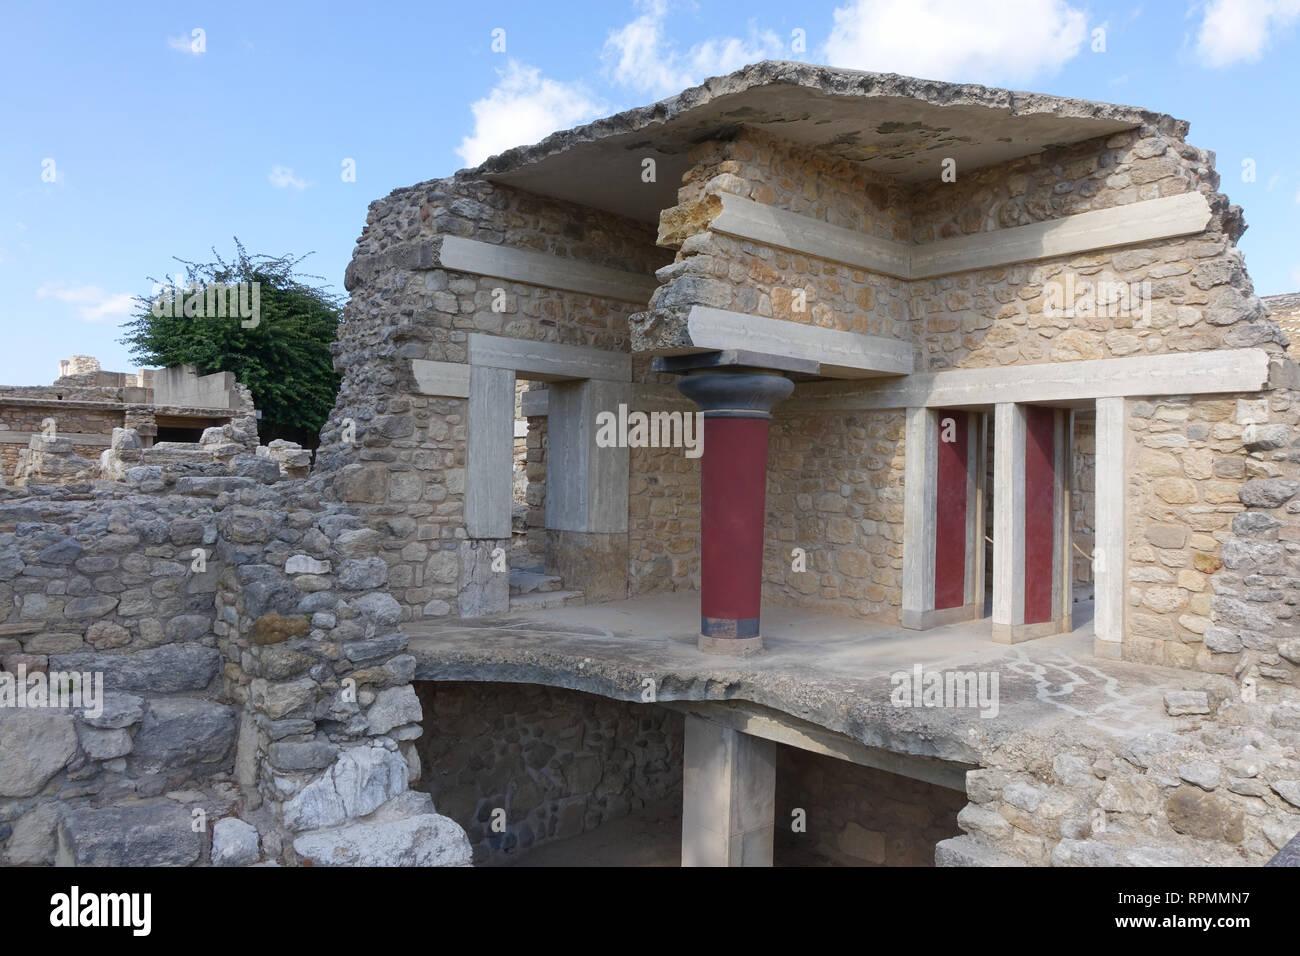 Palace Of Knossos, Crete. - Stock Image